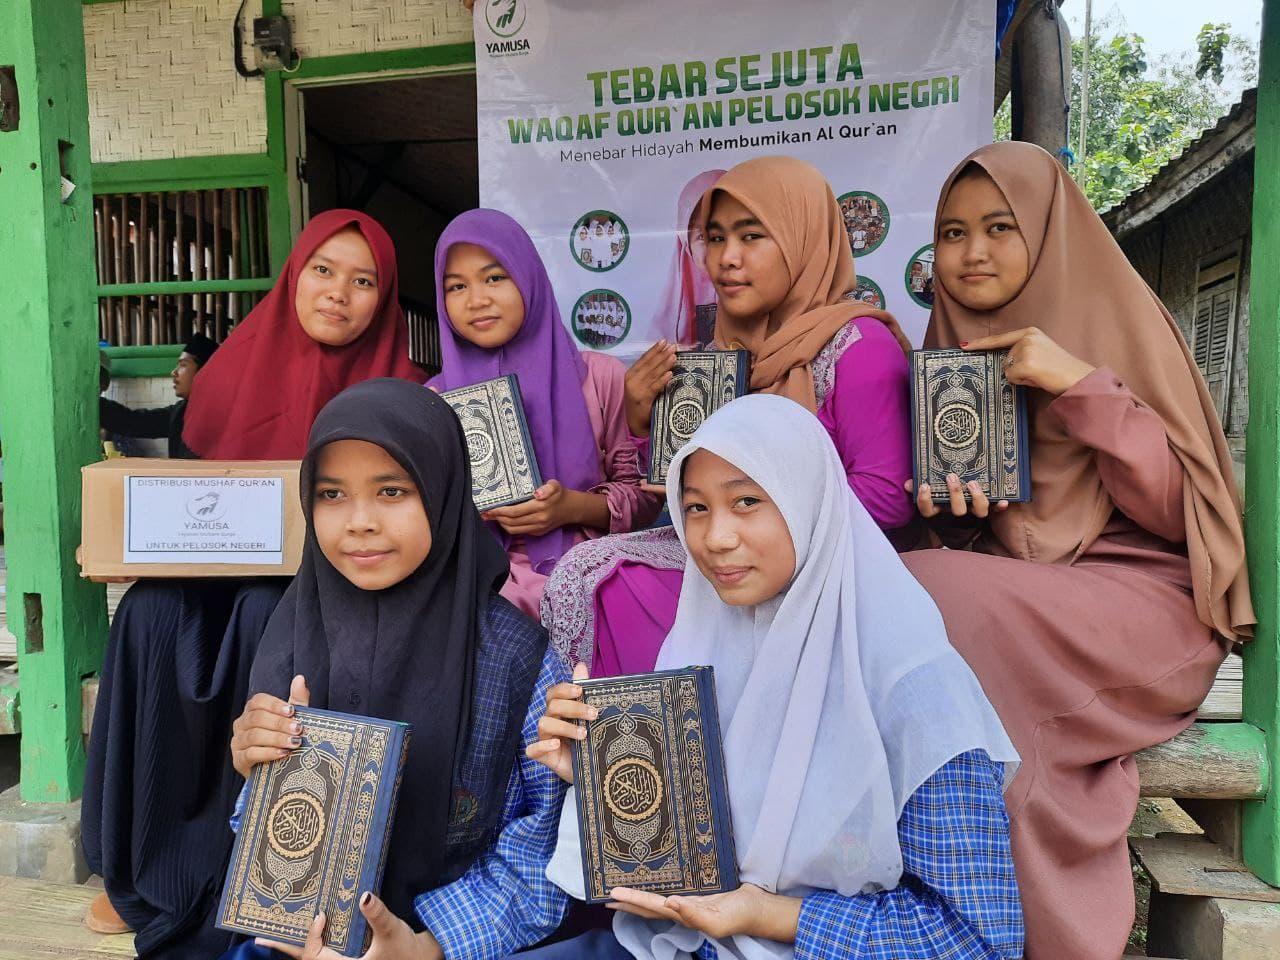 Wakaf Al-Qur'an untuk Ponpes Daarul Khoiriyah Banten